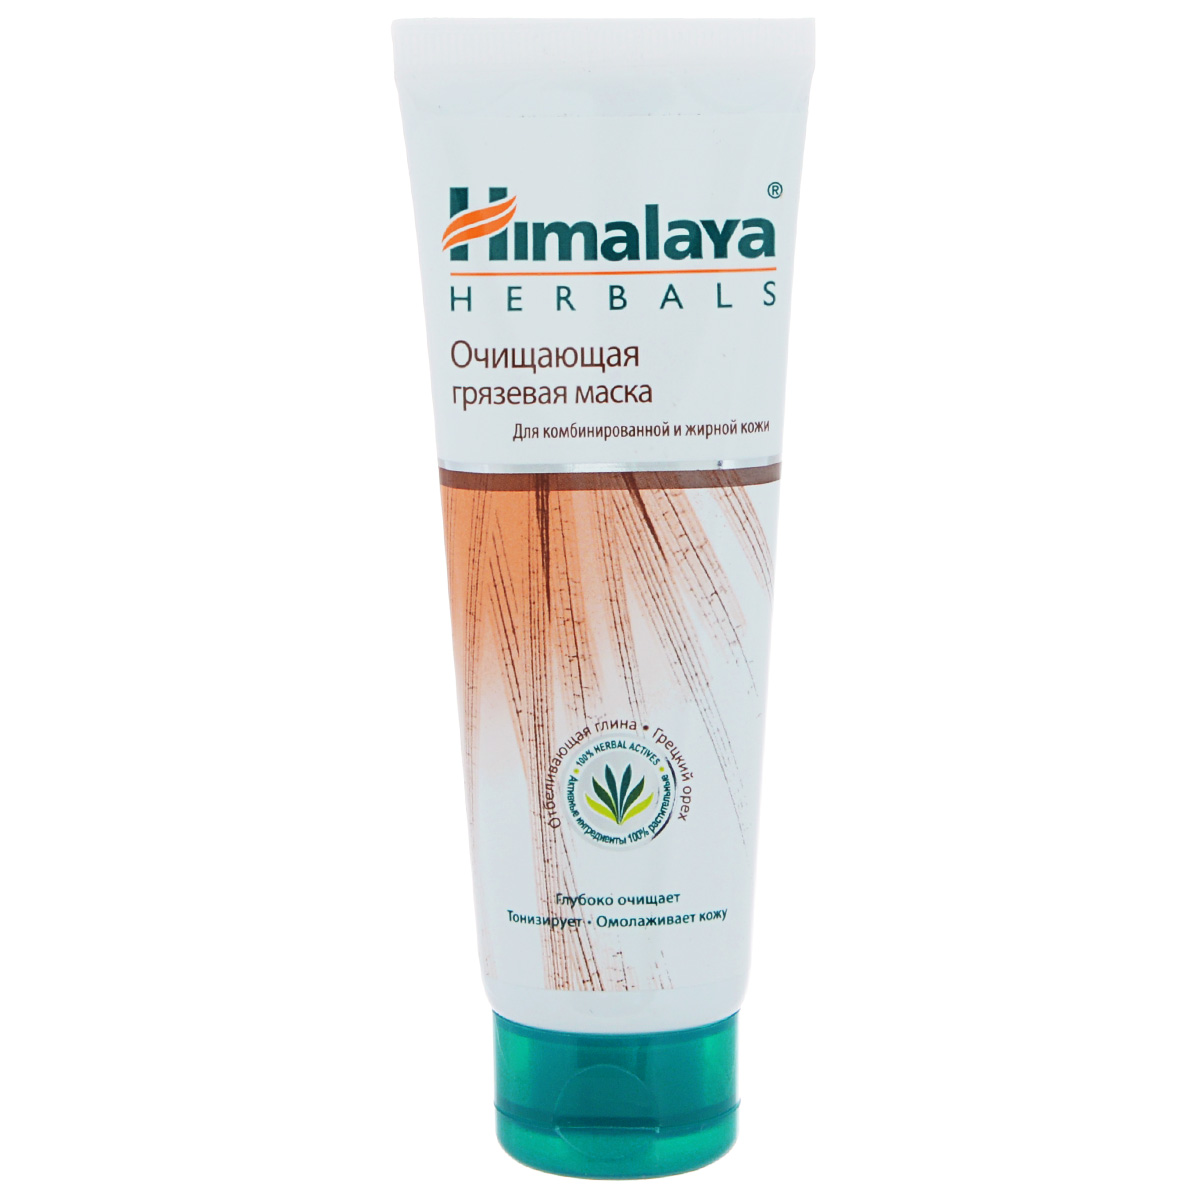 Himalaya Herbals Очищающая грязевая маска, 75мл38791225Очищающая грязевая маска делает кожу более упругой. Удаляет загрязнения и излишки жира, тонизирует и улучшает цвет лица. Отбеливающая глина очищает и сужает поры. Минеральная глина способствует улучшению кровообращения, сохраняя свежий вид. Грецкий орех удаляет черные точки и омертвевшие клетки. Ветиверия очищает и тонизирует кожу лица.